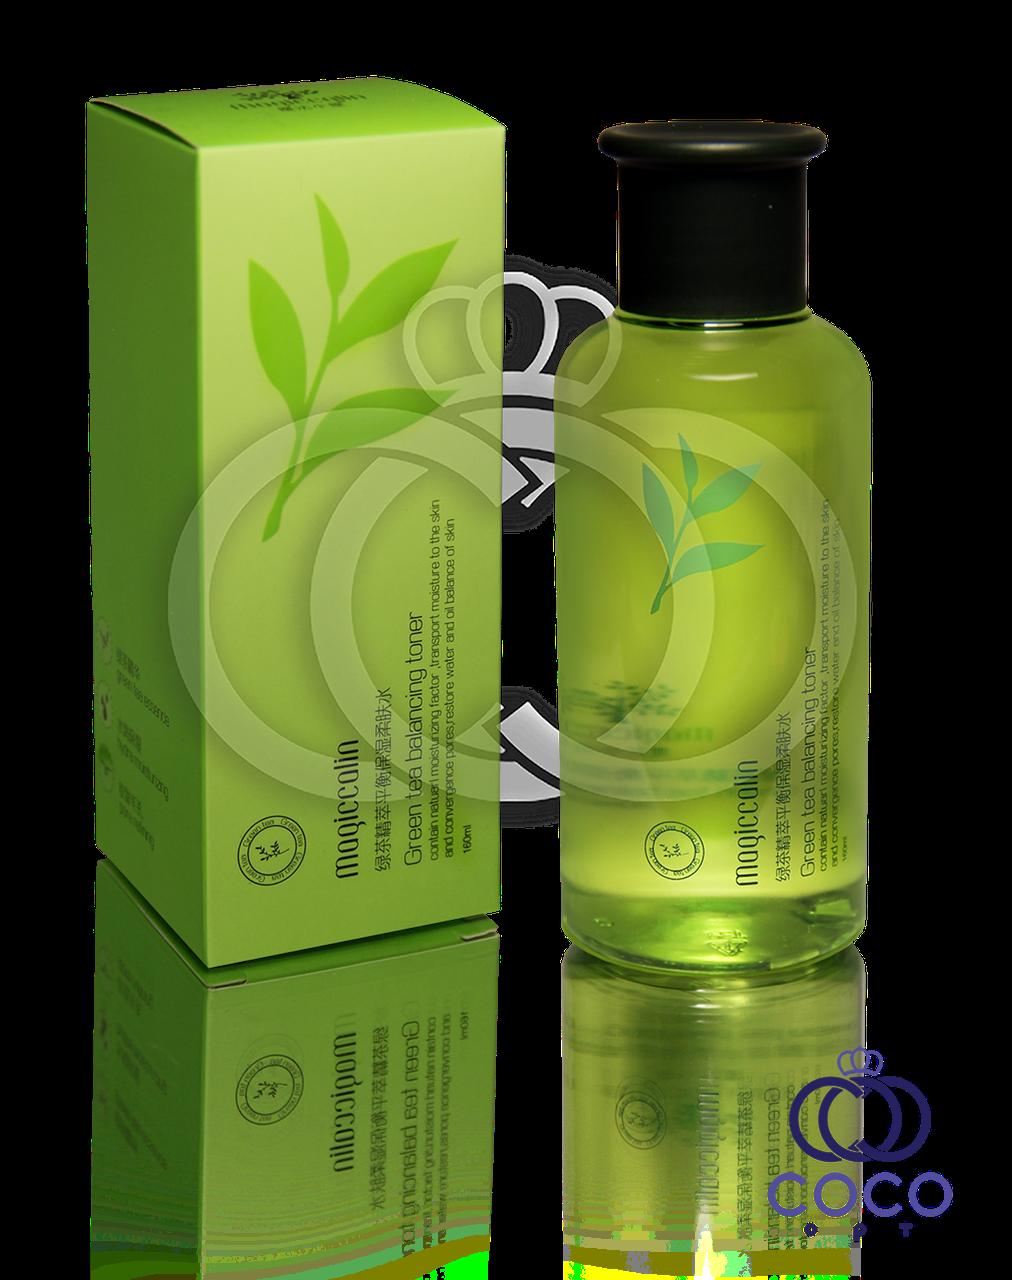 Корейский балансирующий тонер для лица с экстрактом зелёного чая Green Tea Balancing Toner